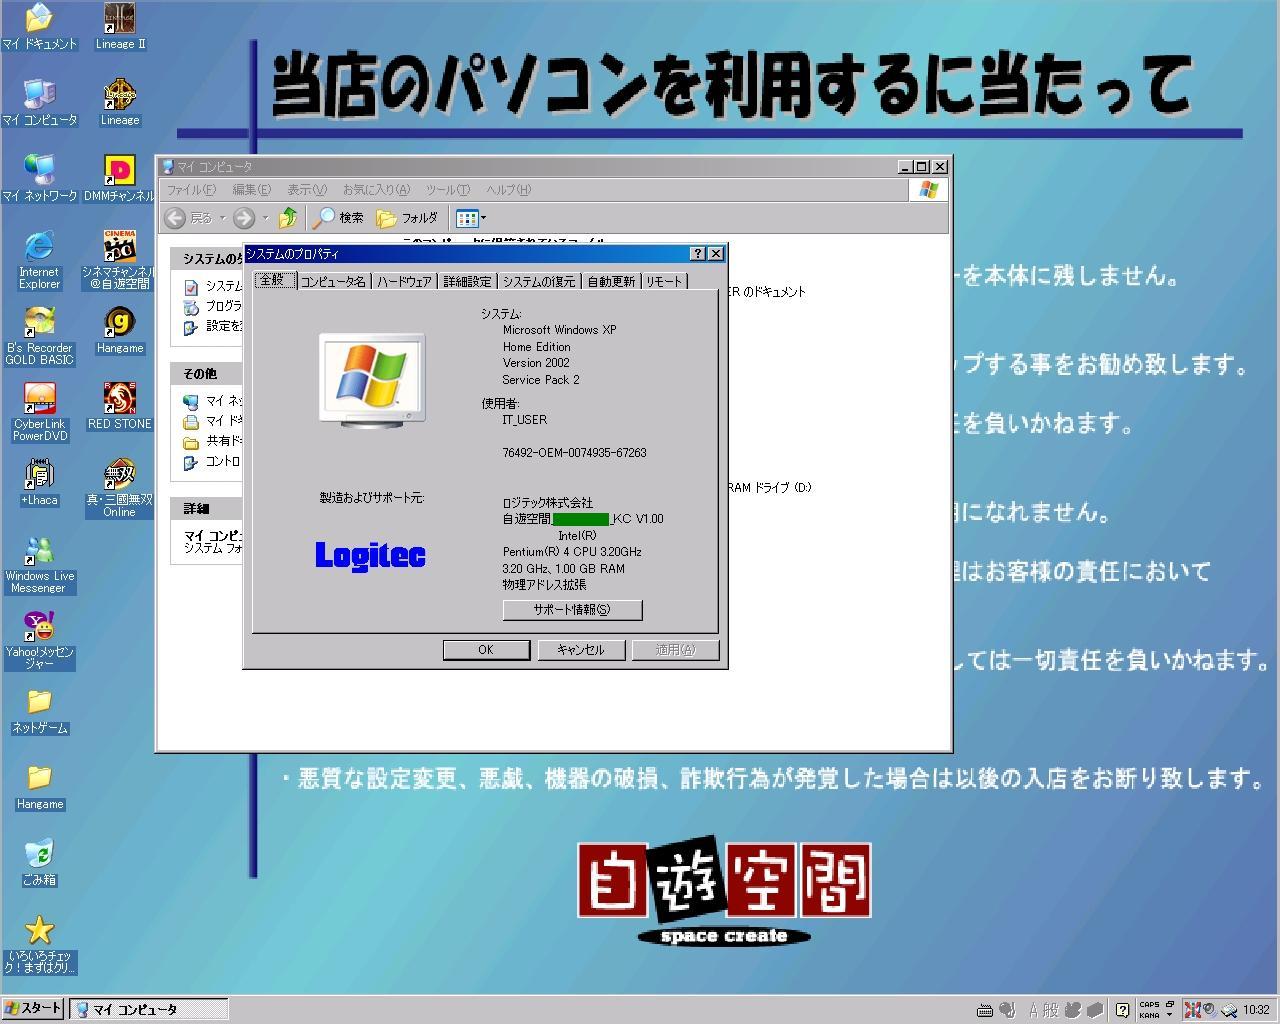 20080723-2-002-2.jpg